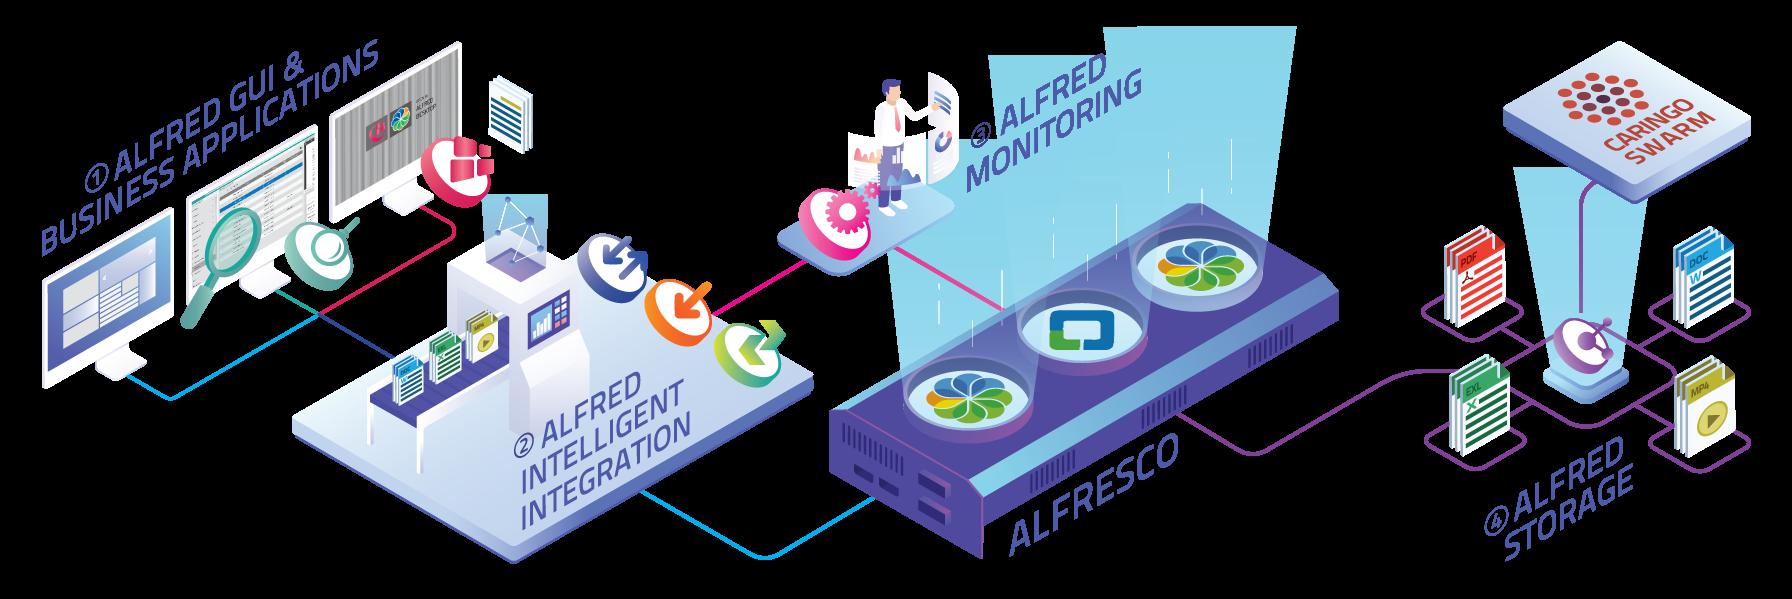 Alfresco high availability